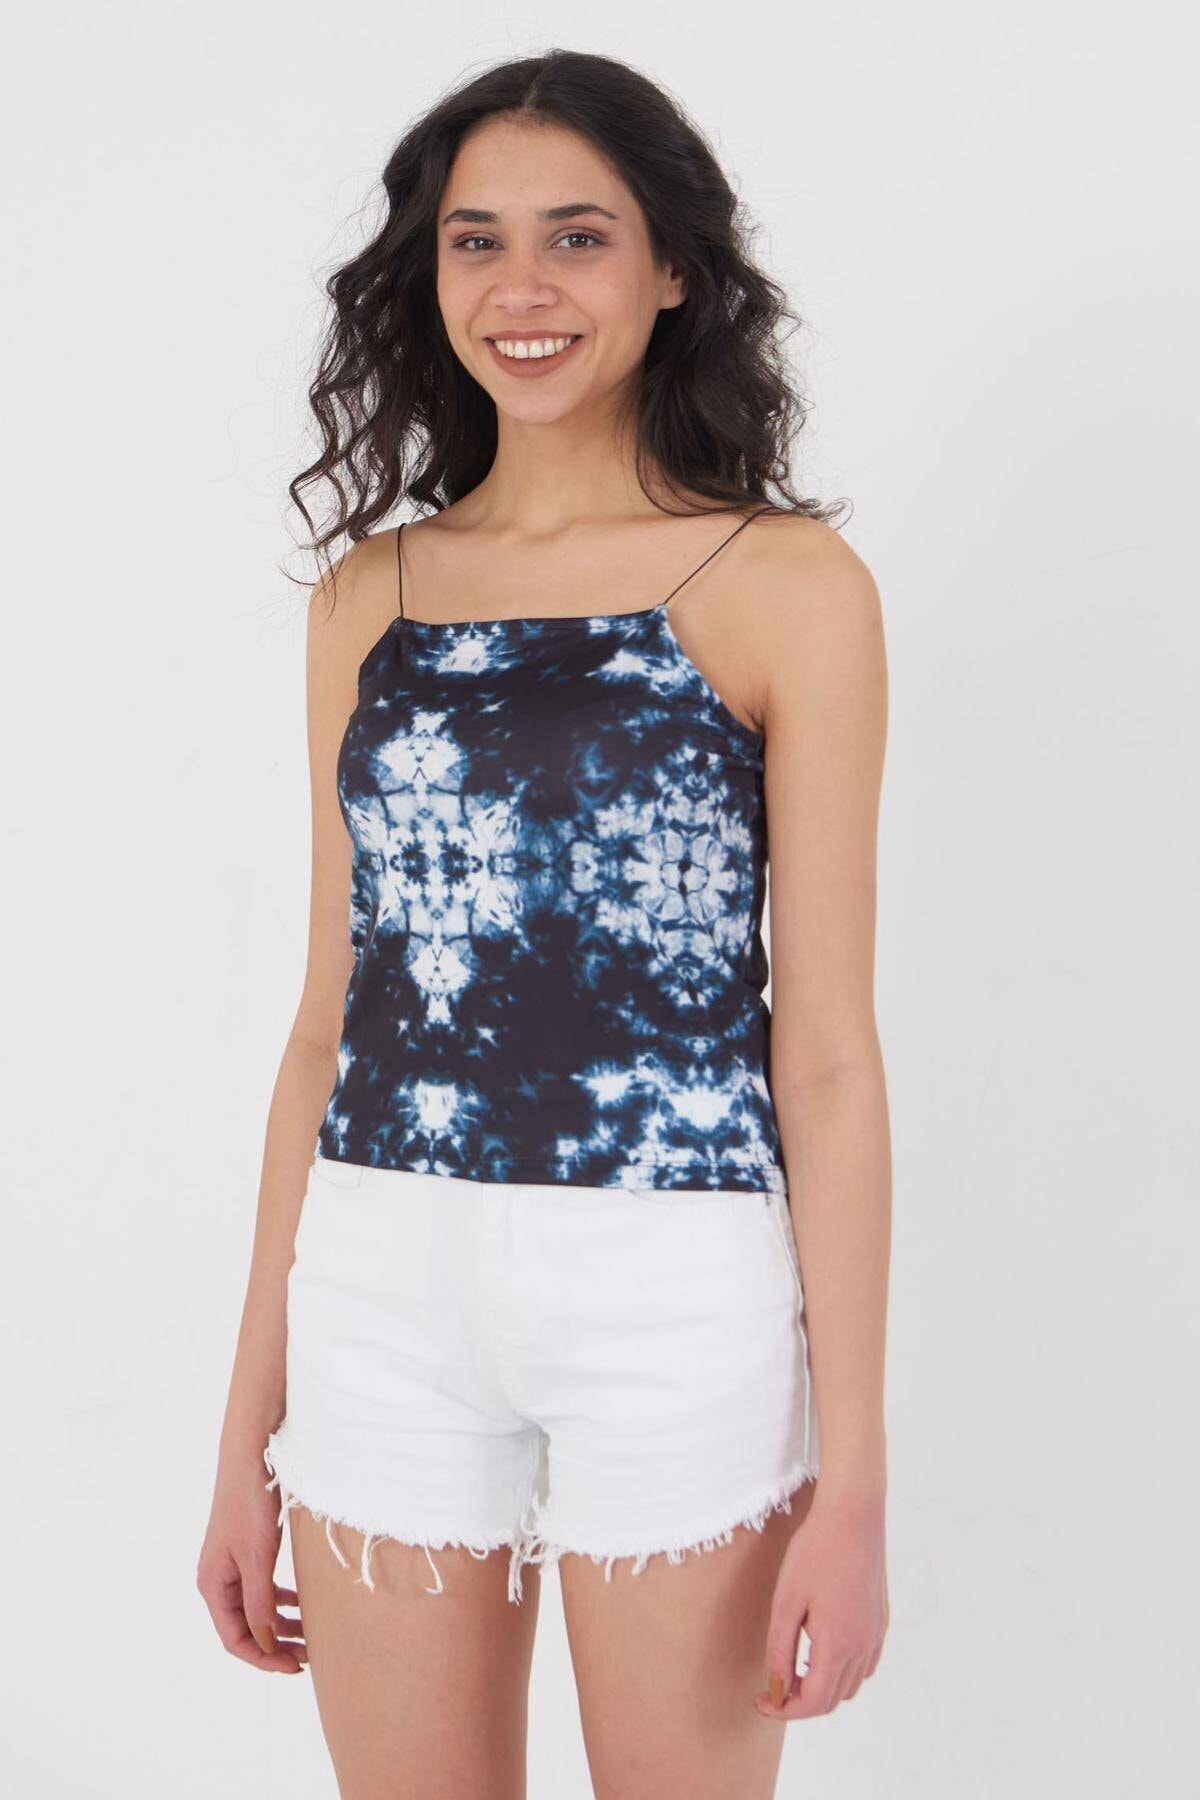 Addax Kadın Batik Ince Askılı Bluz P12237 - T8 Adx-0000023905 0